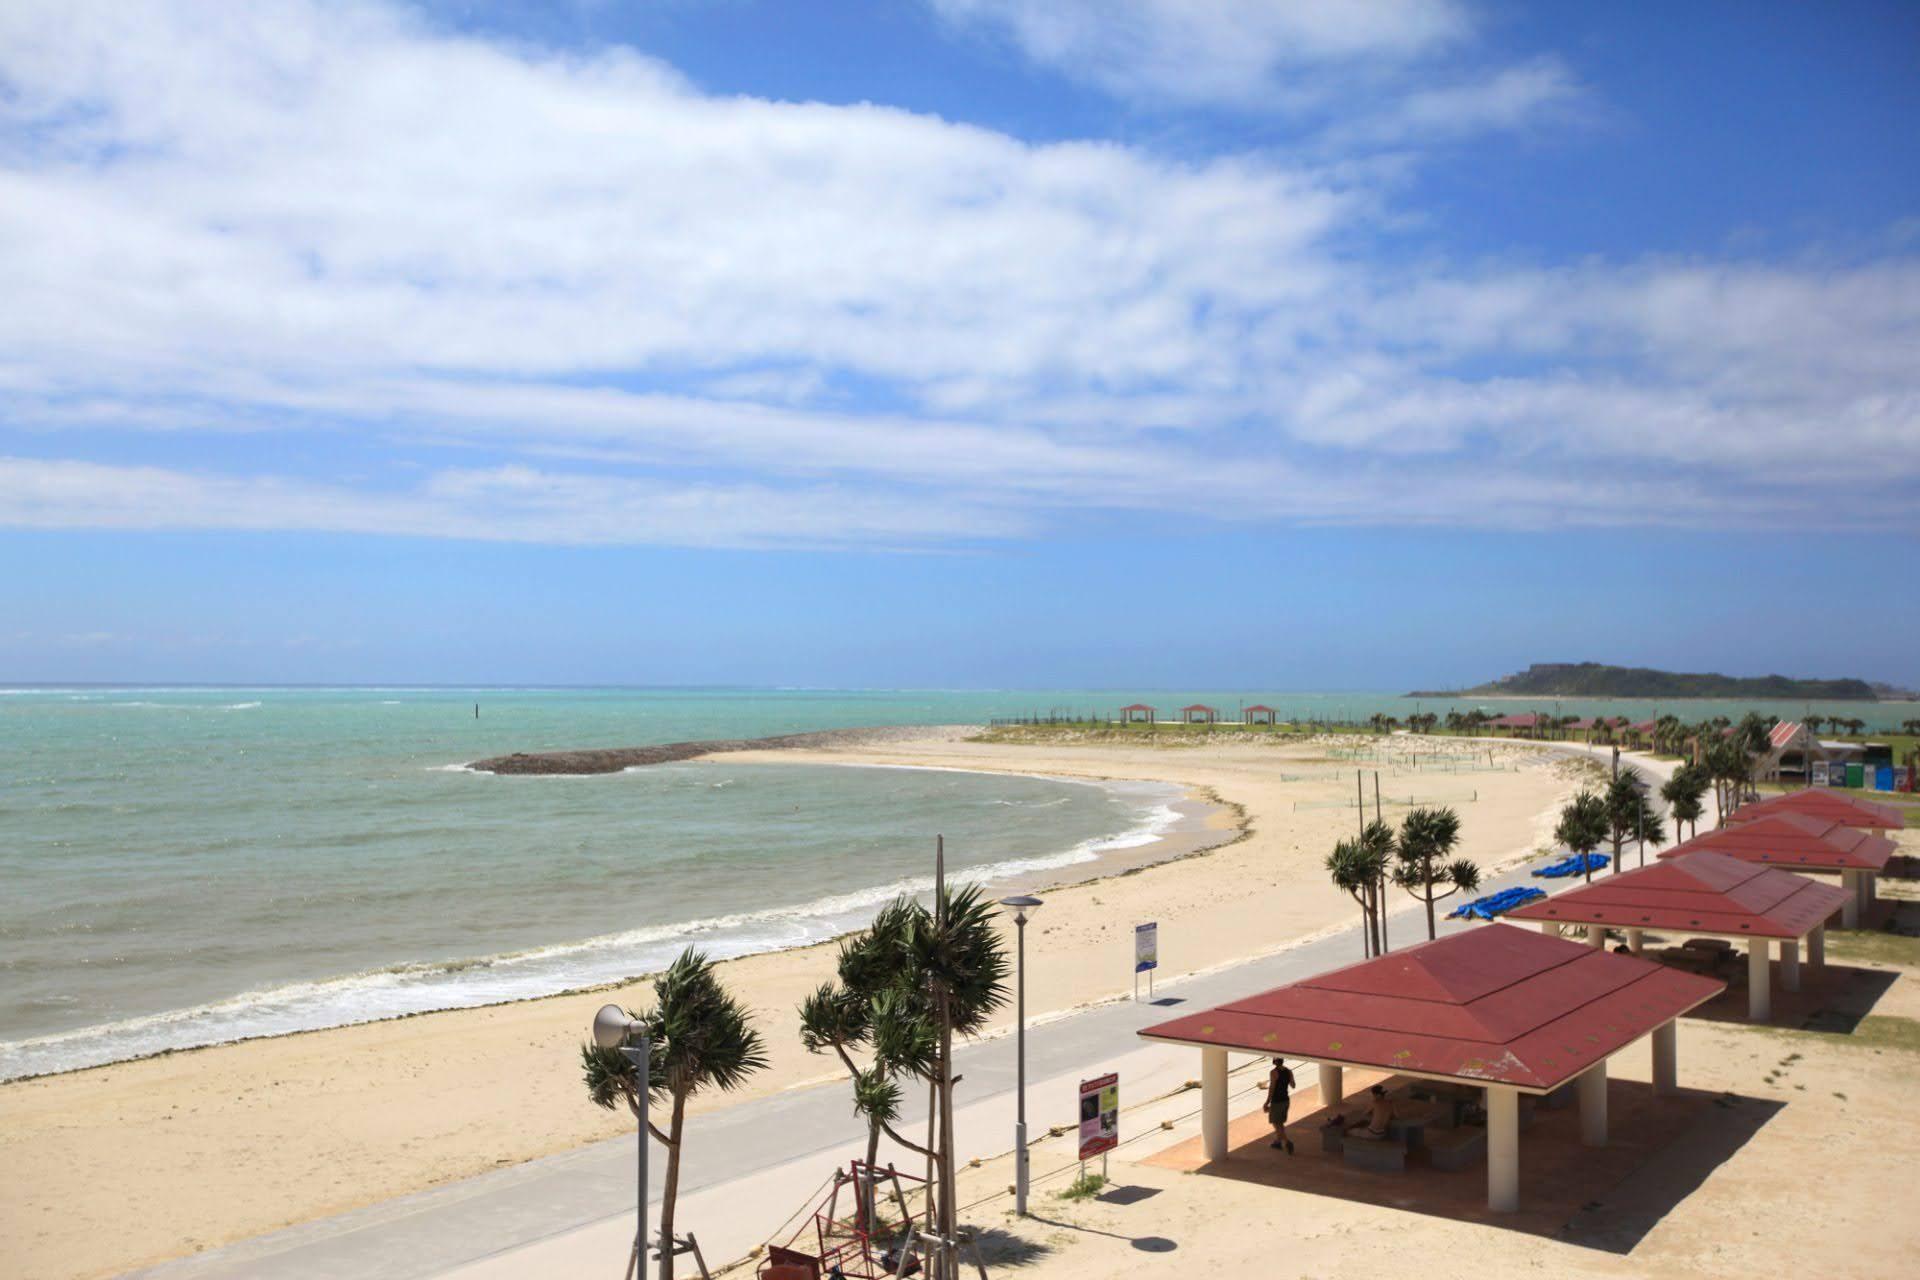 豊崎美らSUNビーチ 豊見城市 沖縄 おすすめ ビーチ 離島 旅行